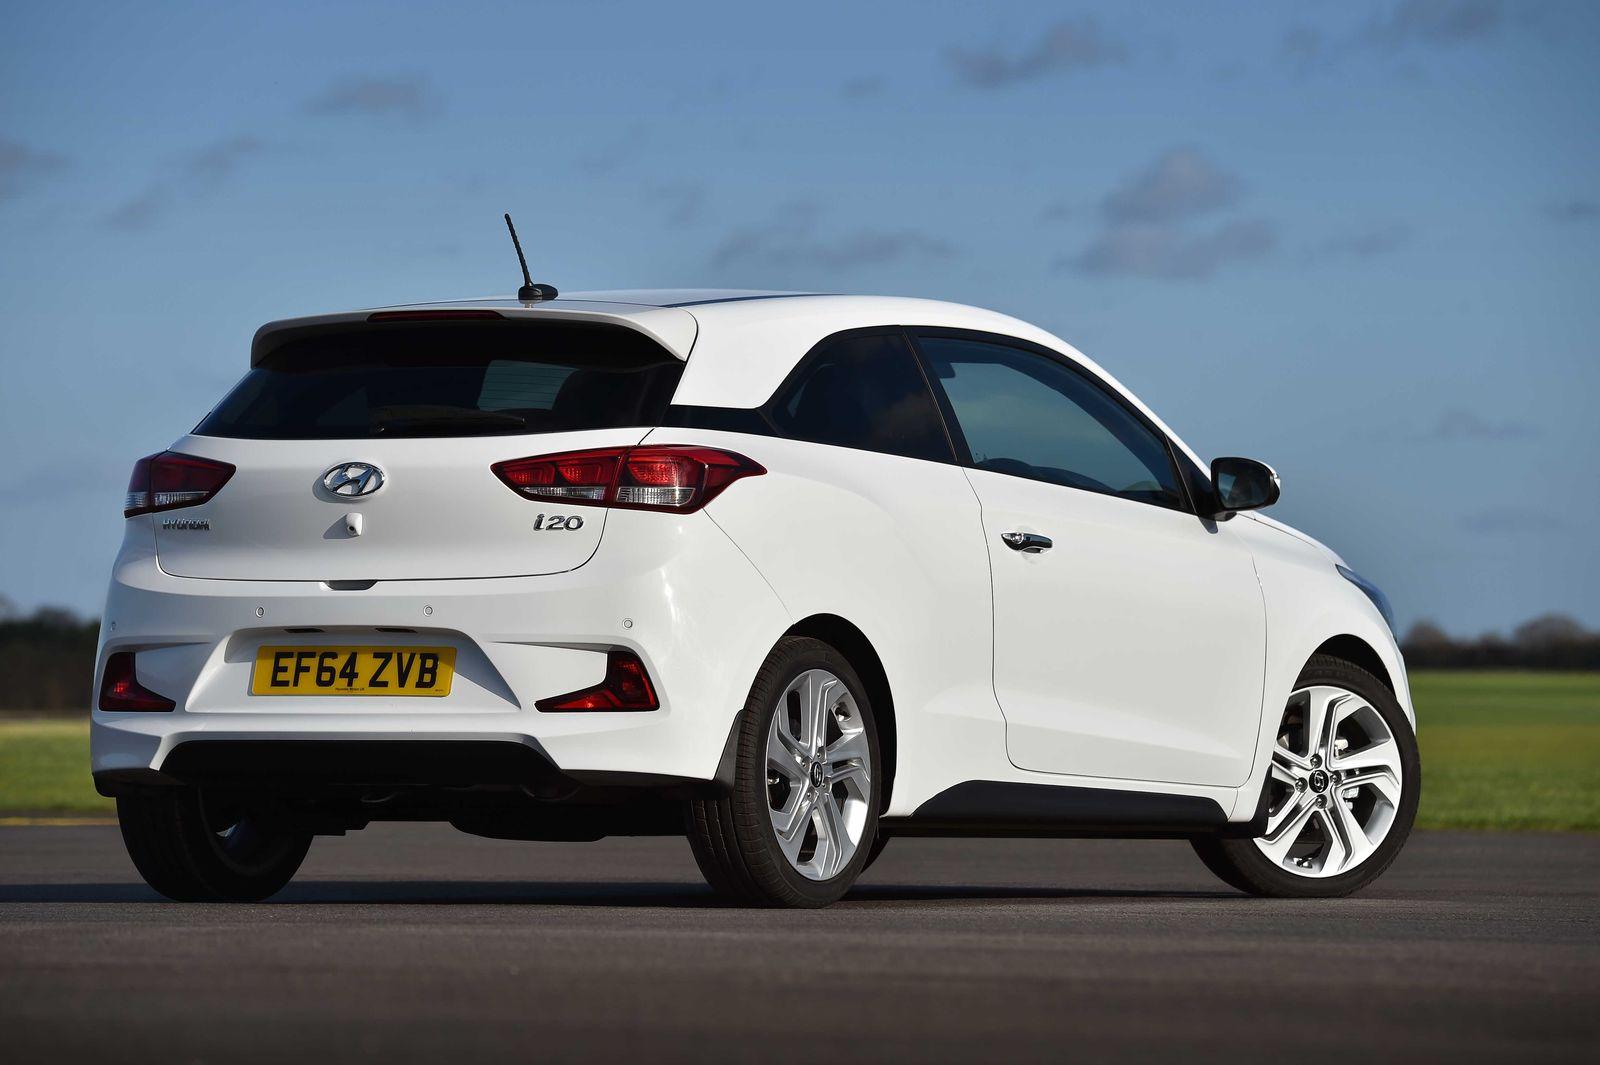 Wonderful 2015 Hyundai I20 Coupe UK Prices Announced